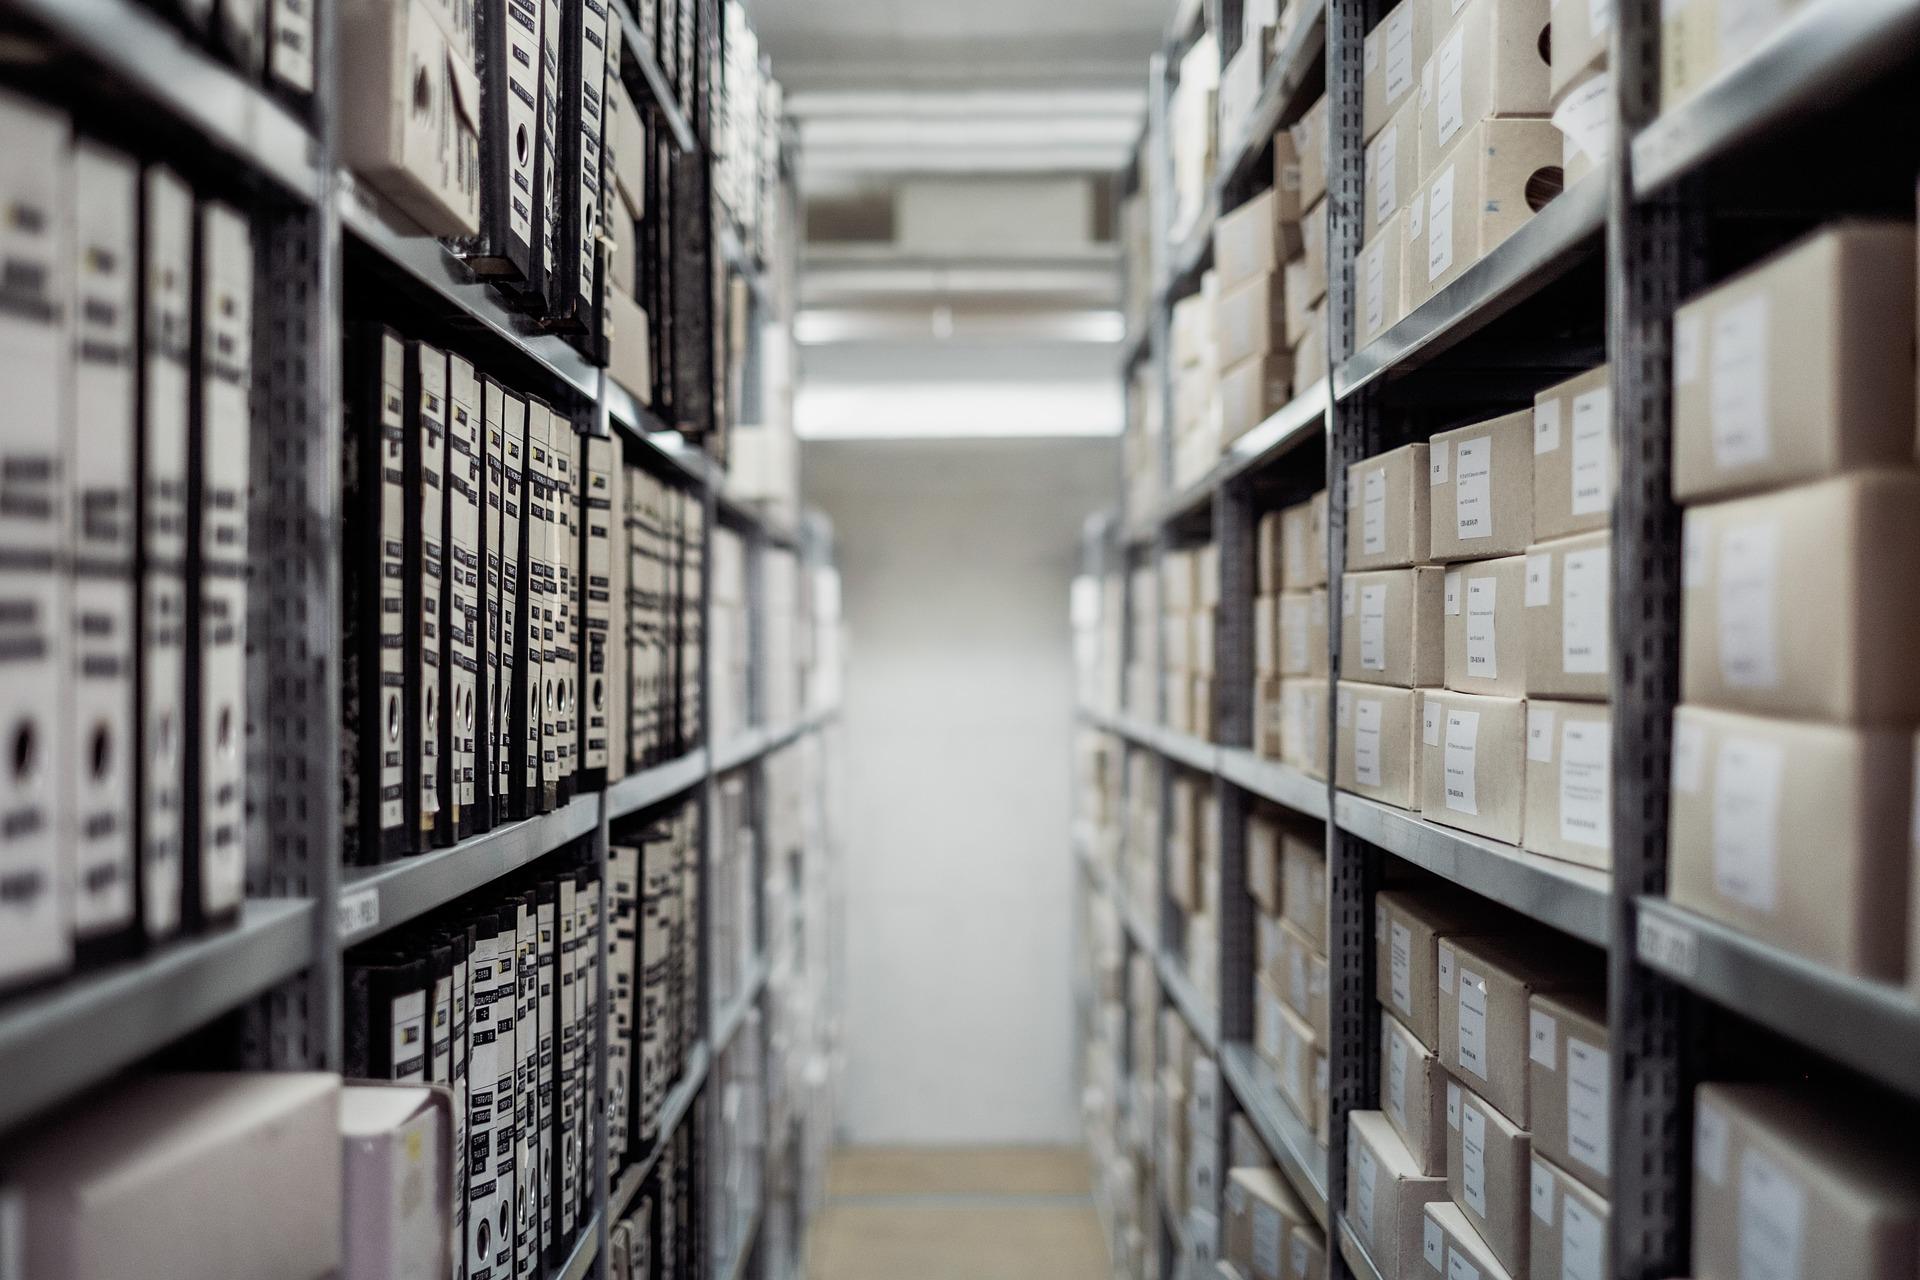 Arkistojen avautumisen aikataulu ja historiankirjoitus